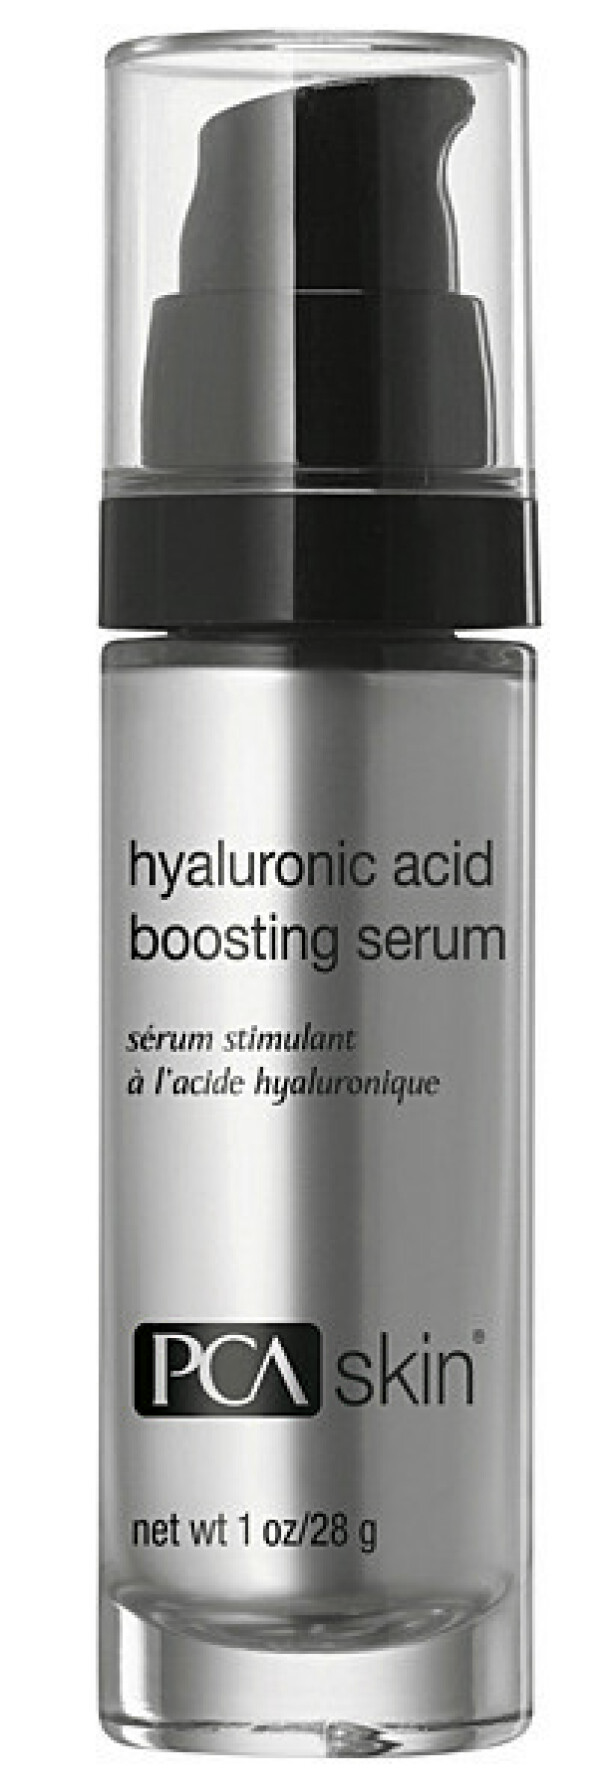 Med fire typer hyaluronsyre (kr 1590, PCA Skin, Hyaluronic Acid Boosting Serum). FOTO: Produsenten